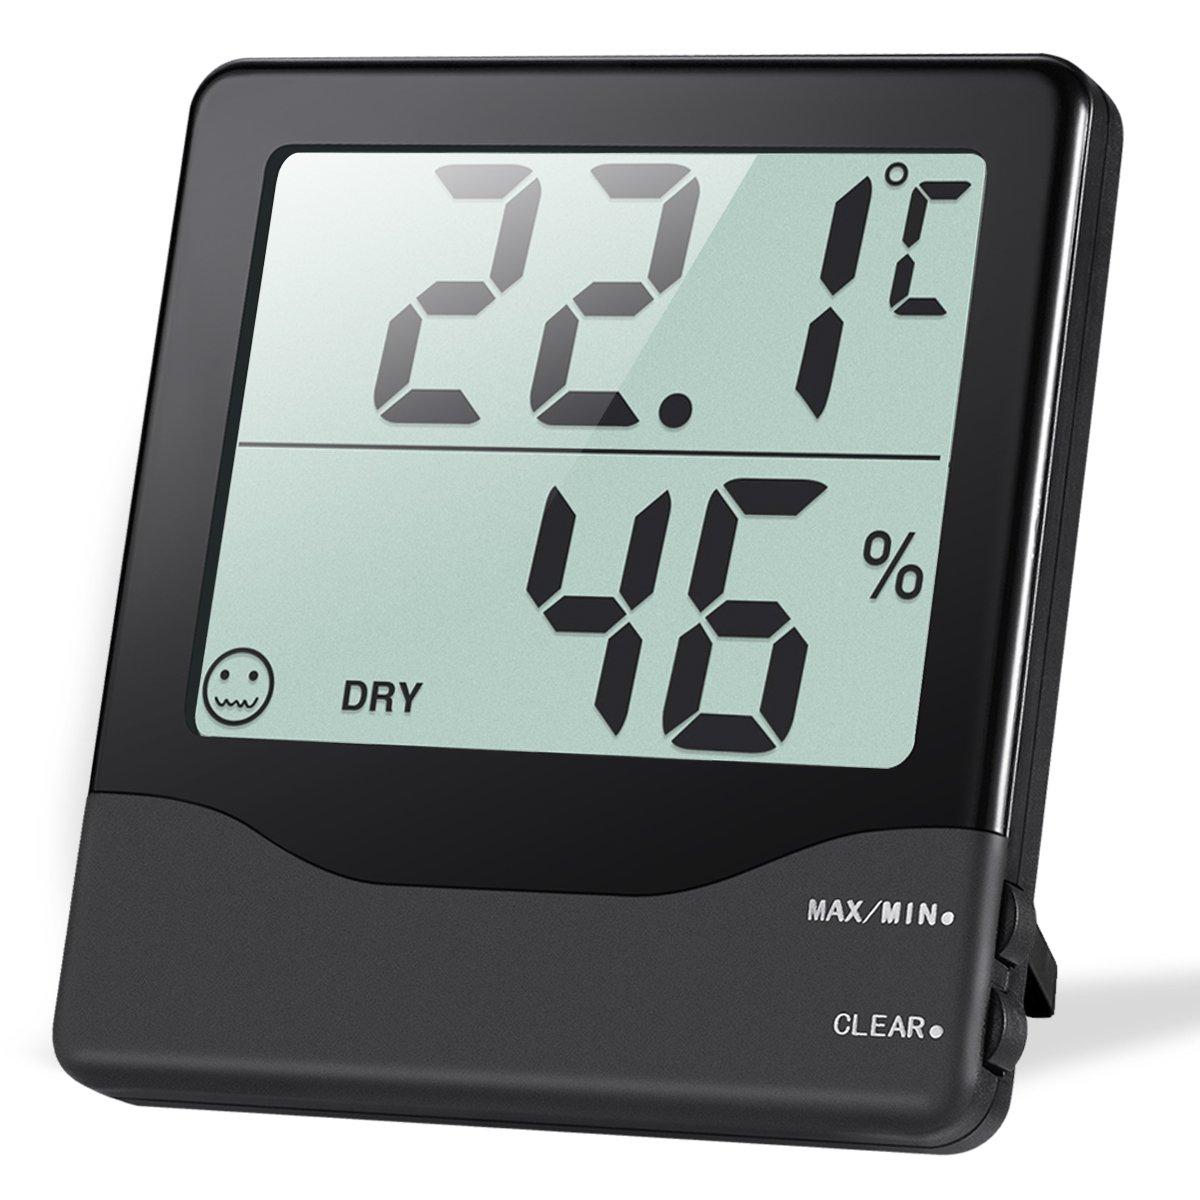 Oria Termómetro Higrómetro Digital, Termohigrómetro Interior Medidor Temperatura y Humedad con Gran LCD Pantalla, Icono de Nivel de Comodidad, ...